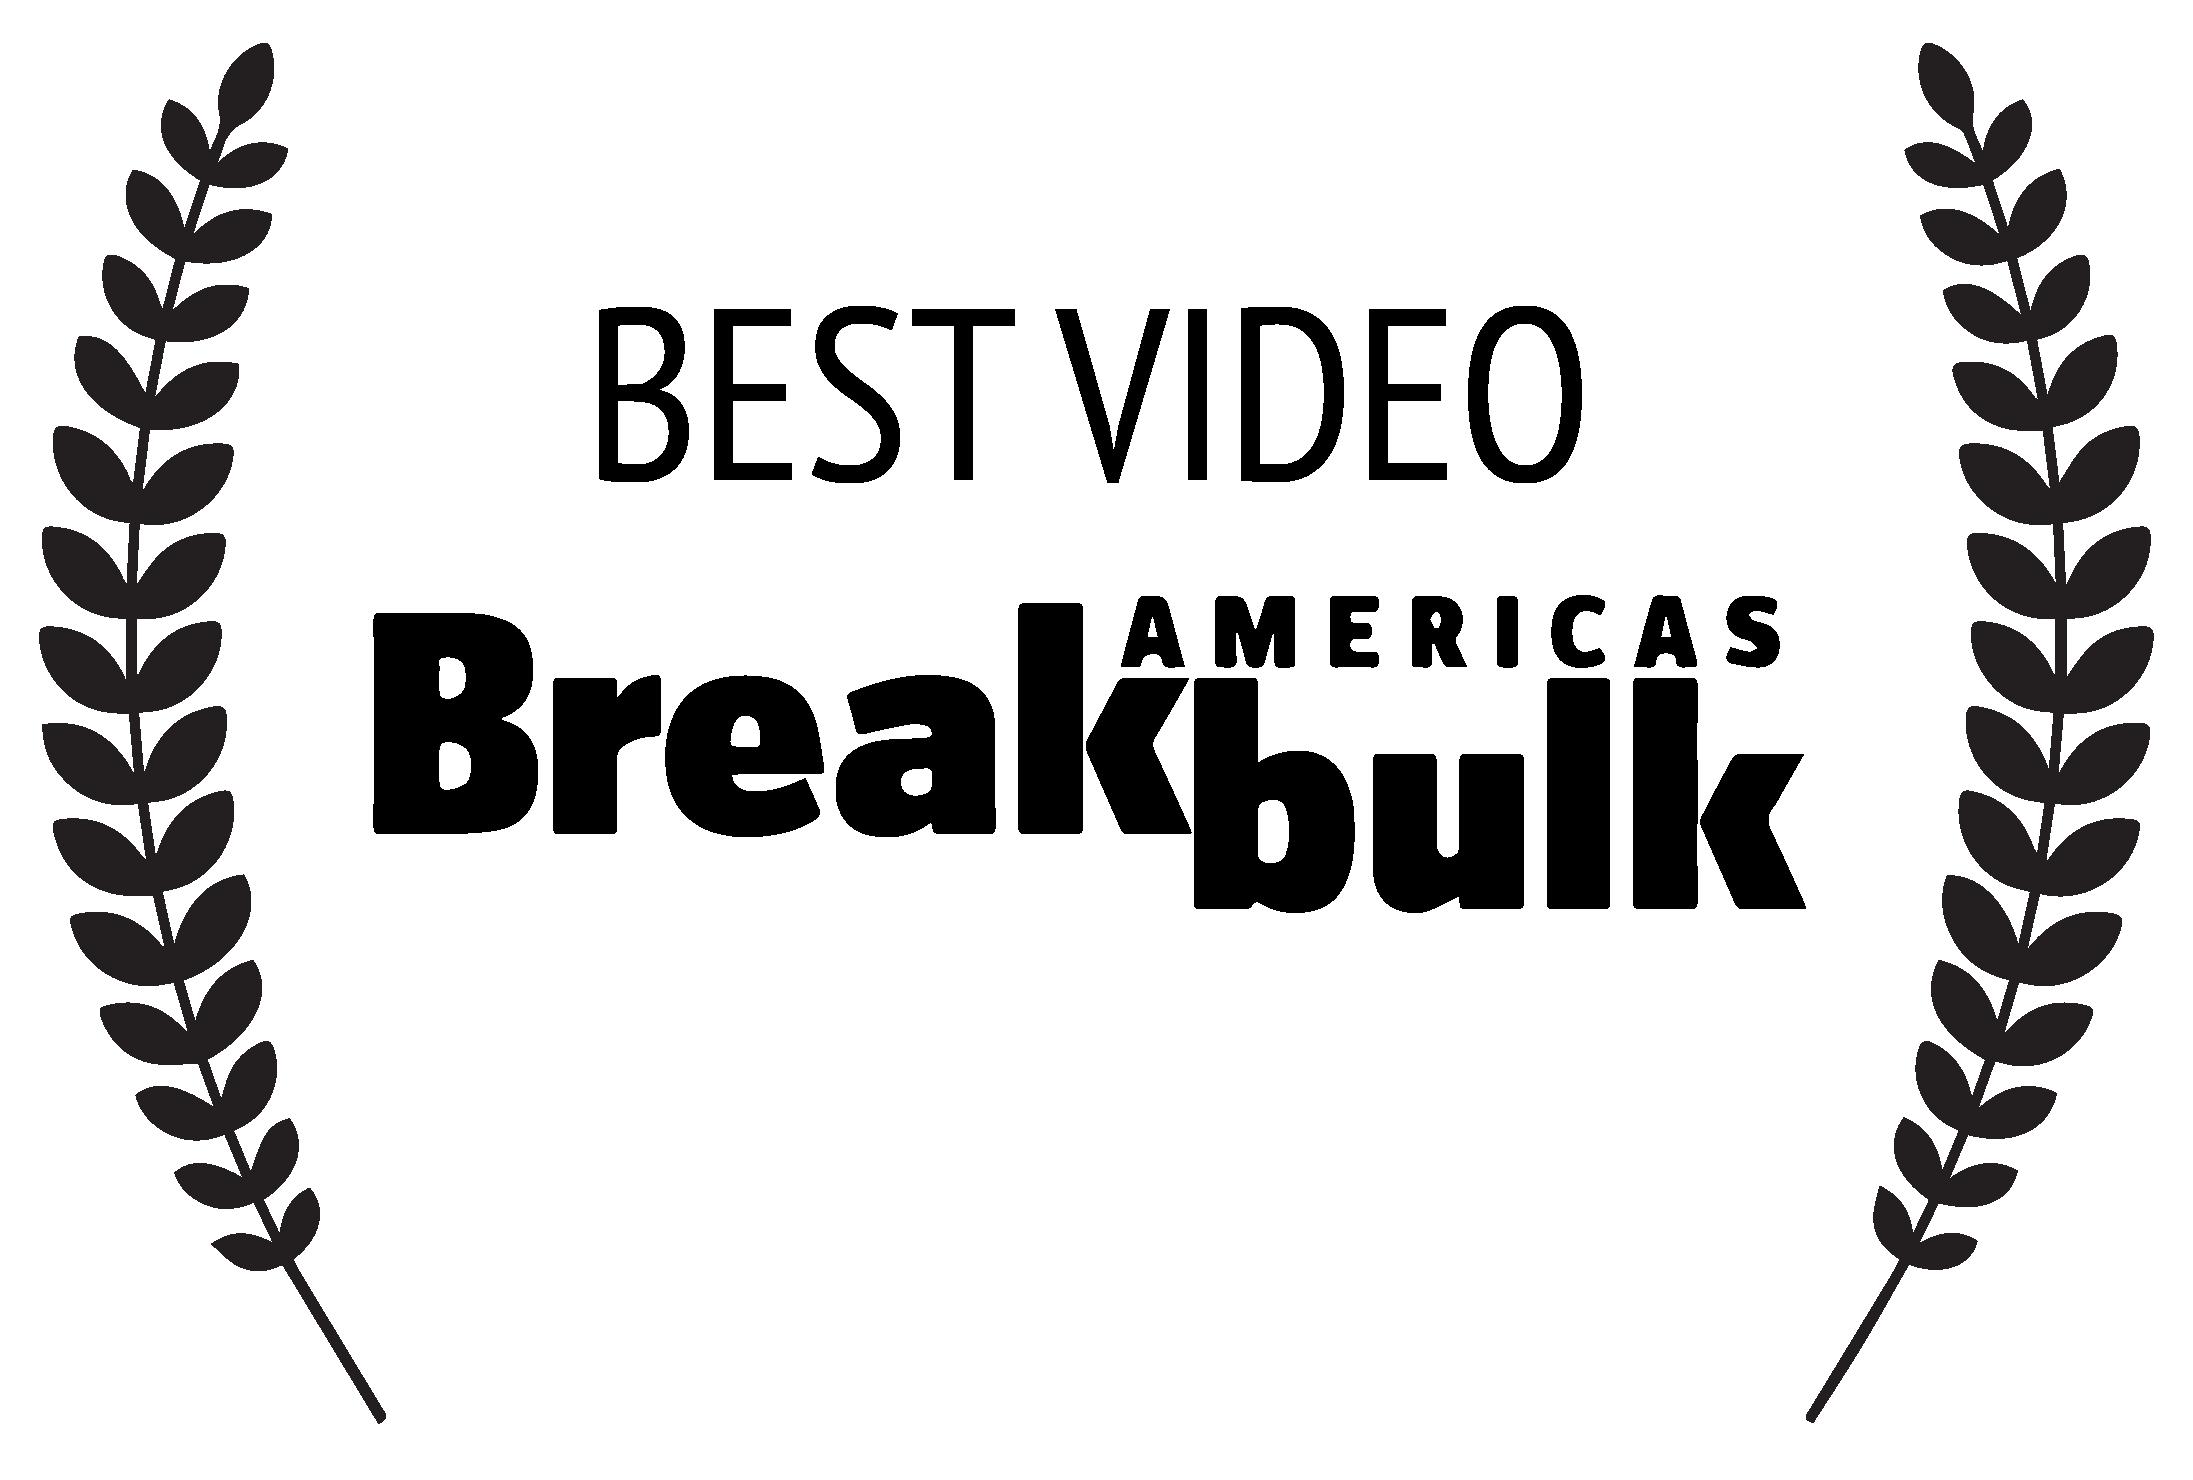 Best Video Break Bulk 2017.png